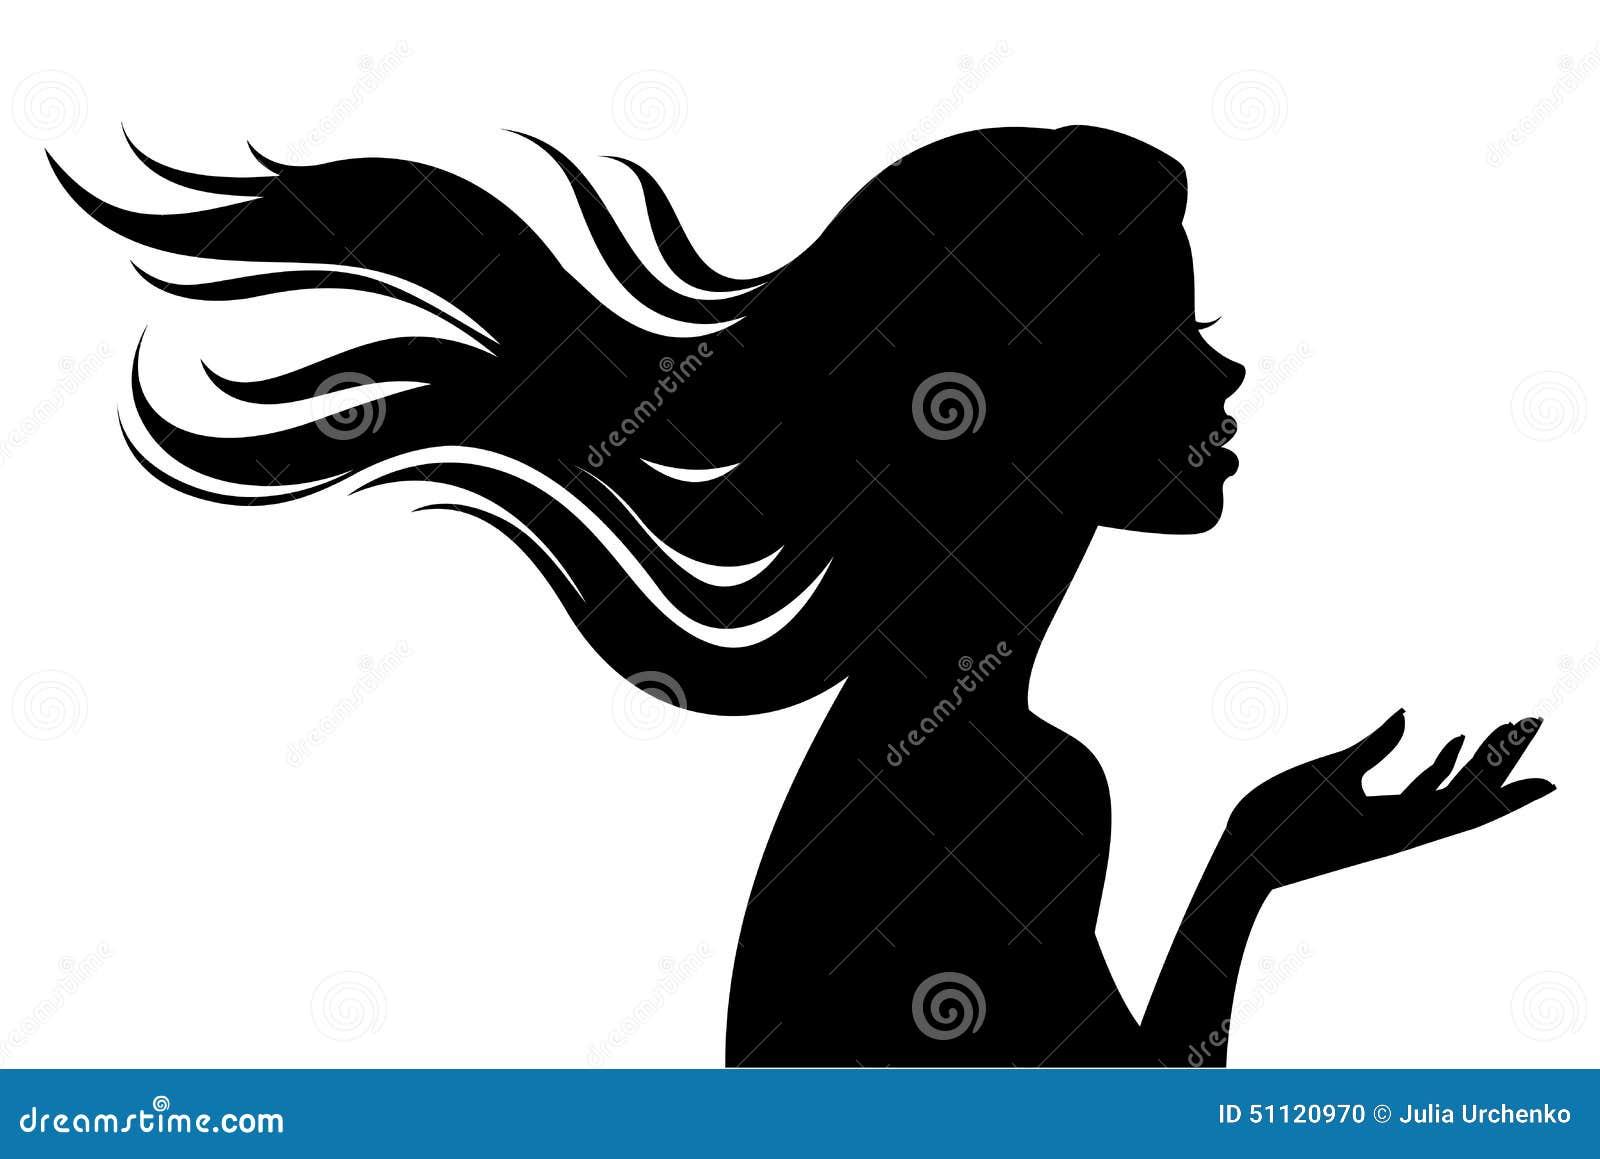 Silhouette De Belle Fille Dans Le Profil Avec De Longs